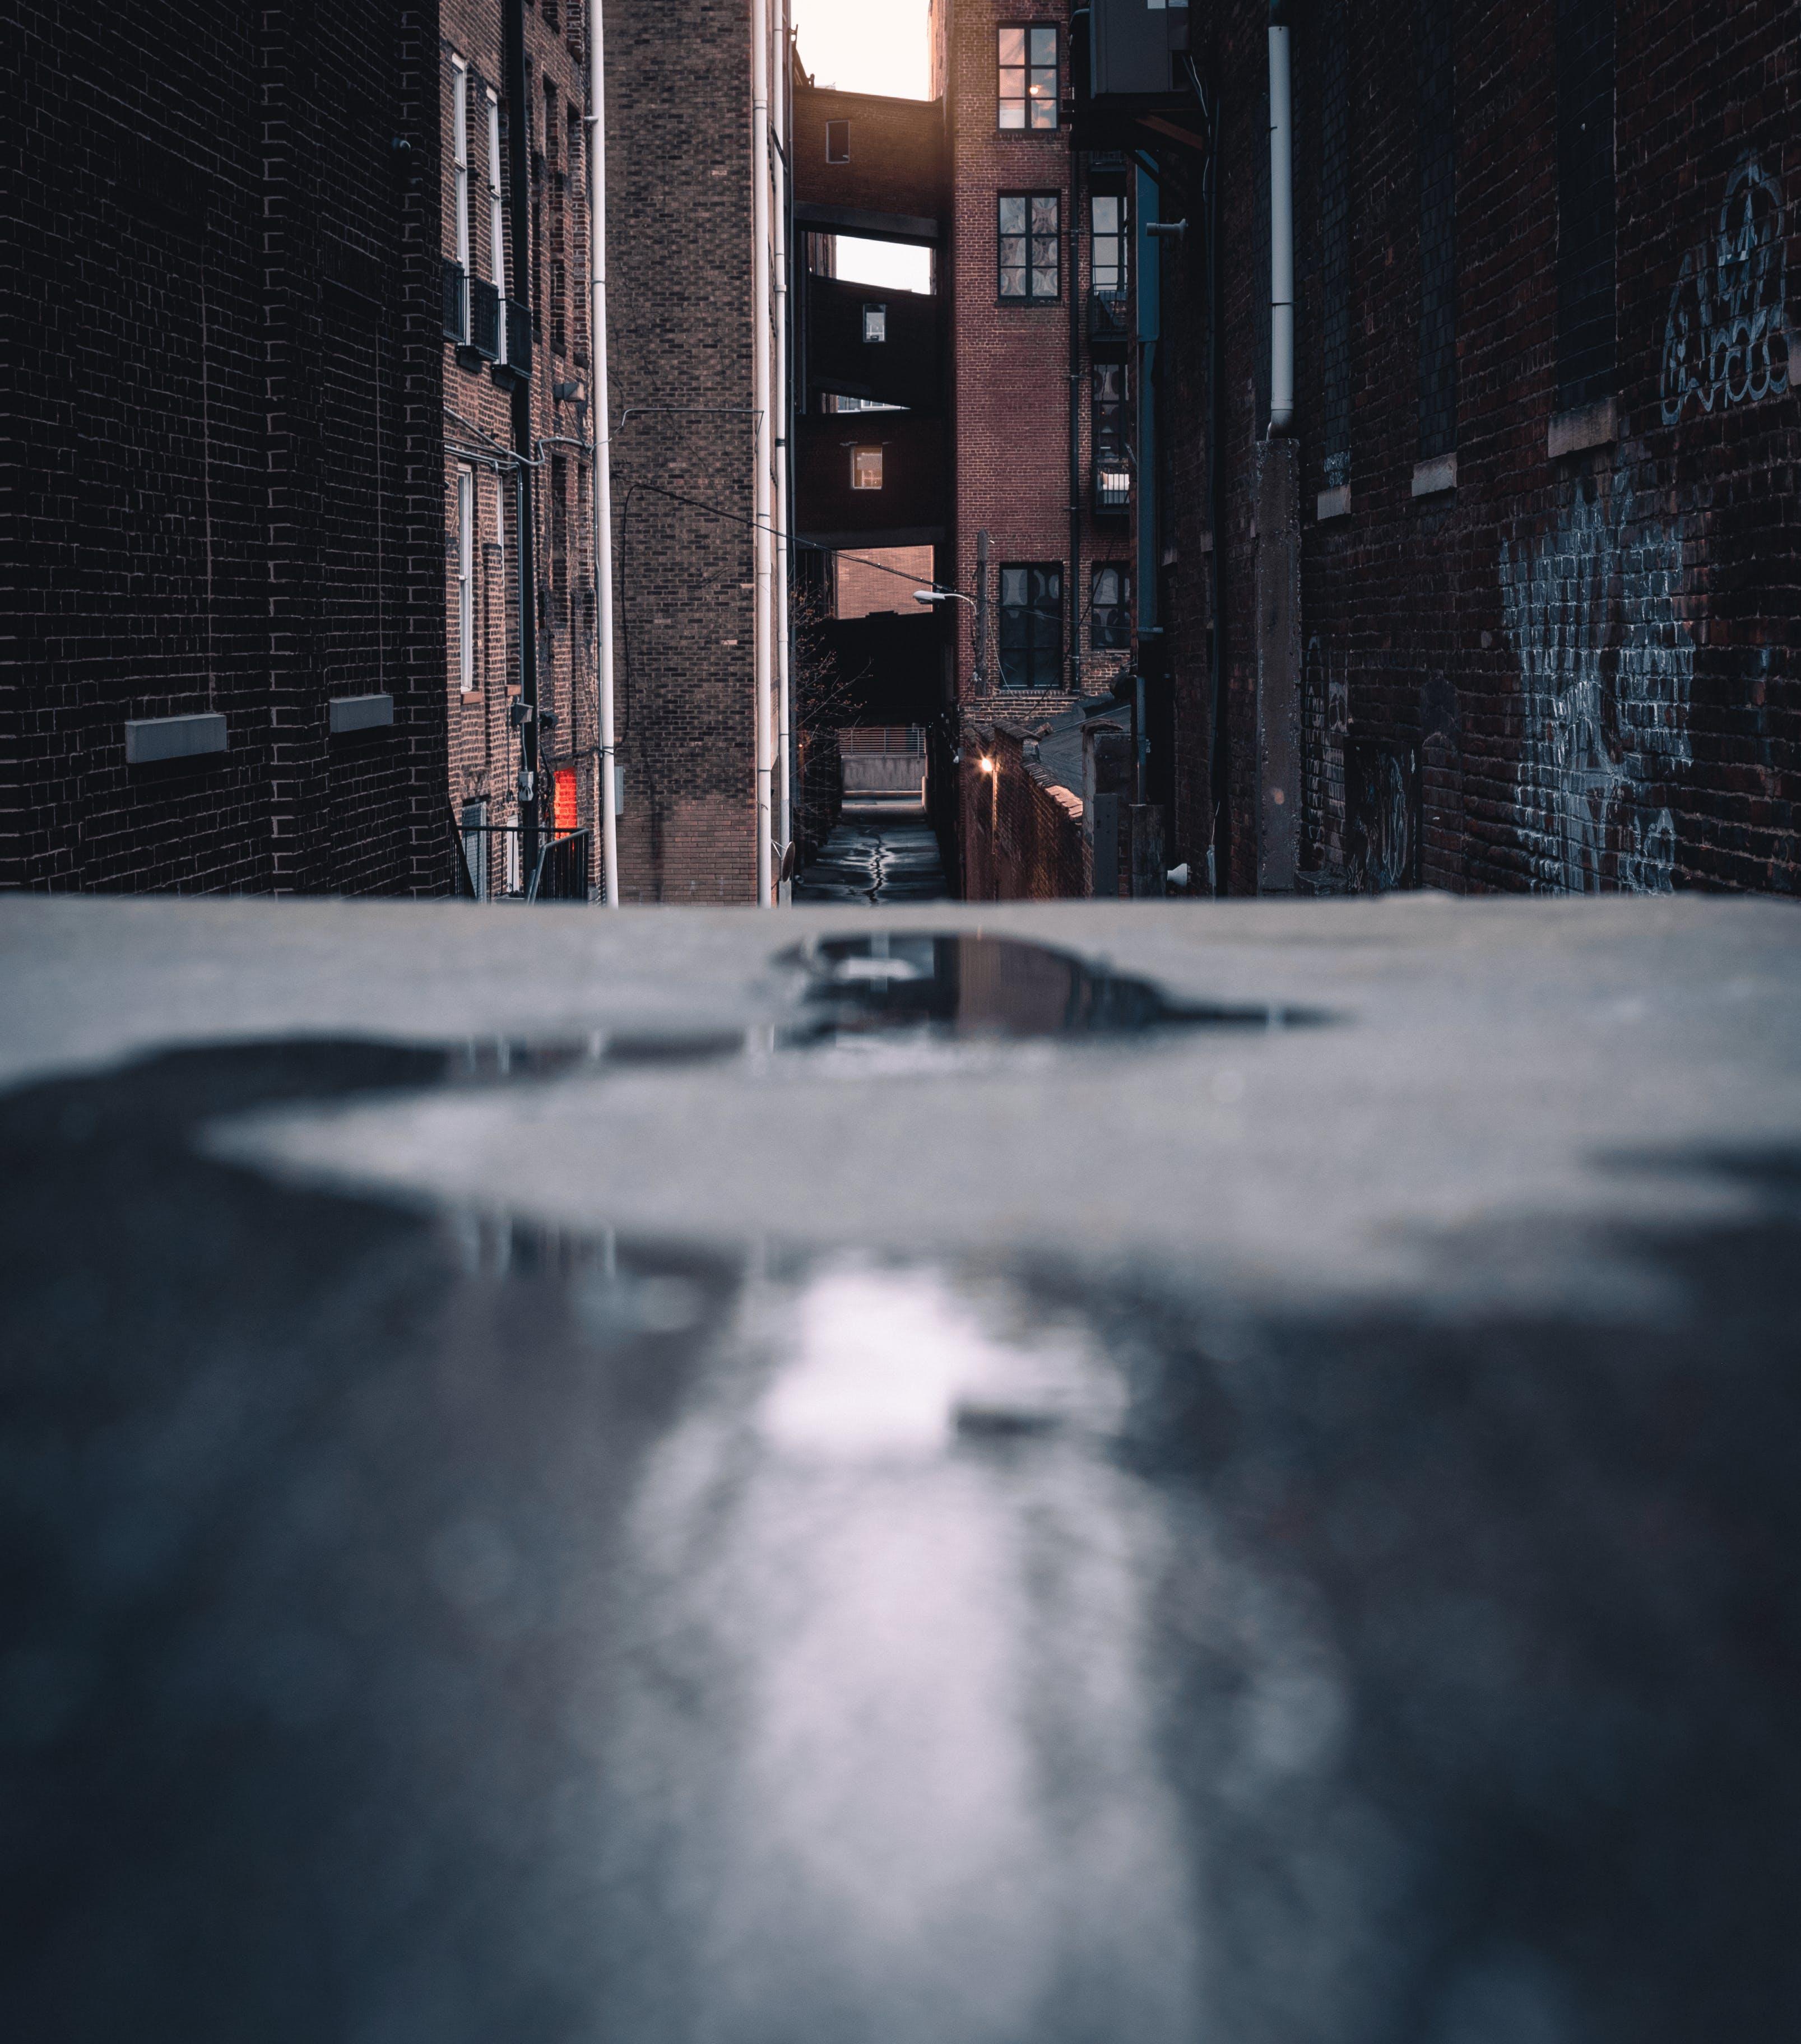 afet, arka sokak, binalar, bulanıklık içeren Ücretsiz stok fotoğraf